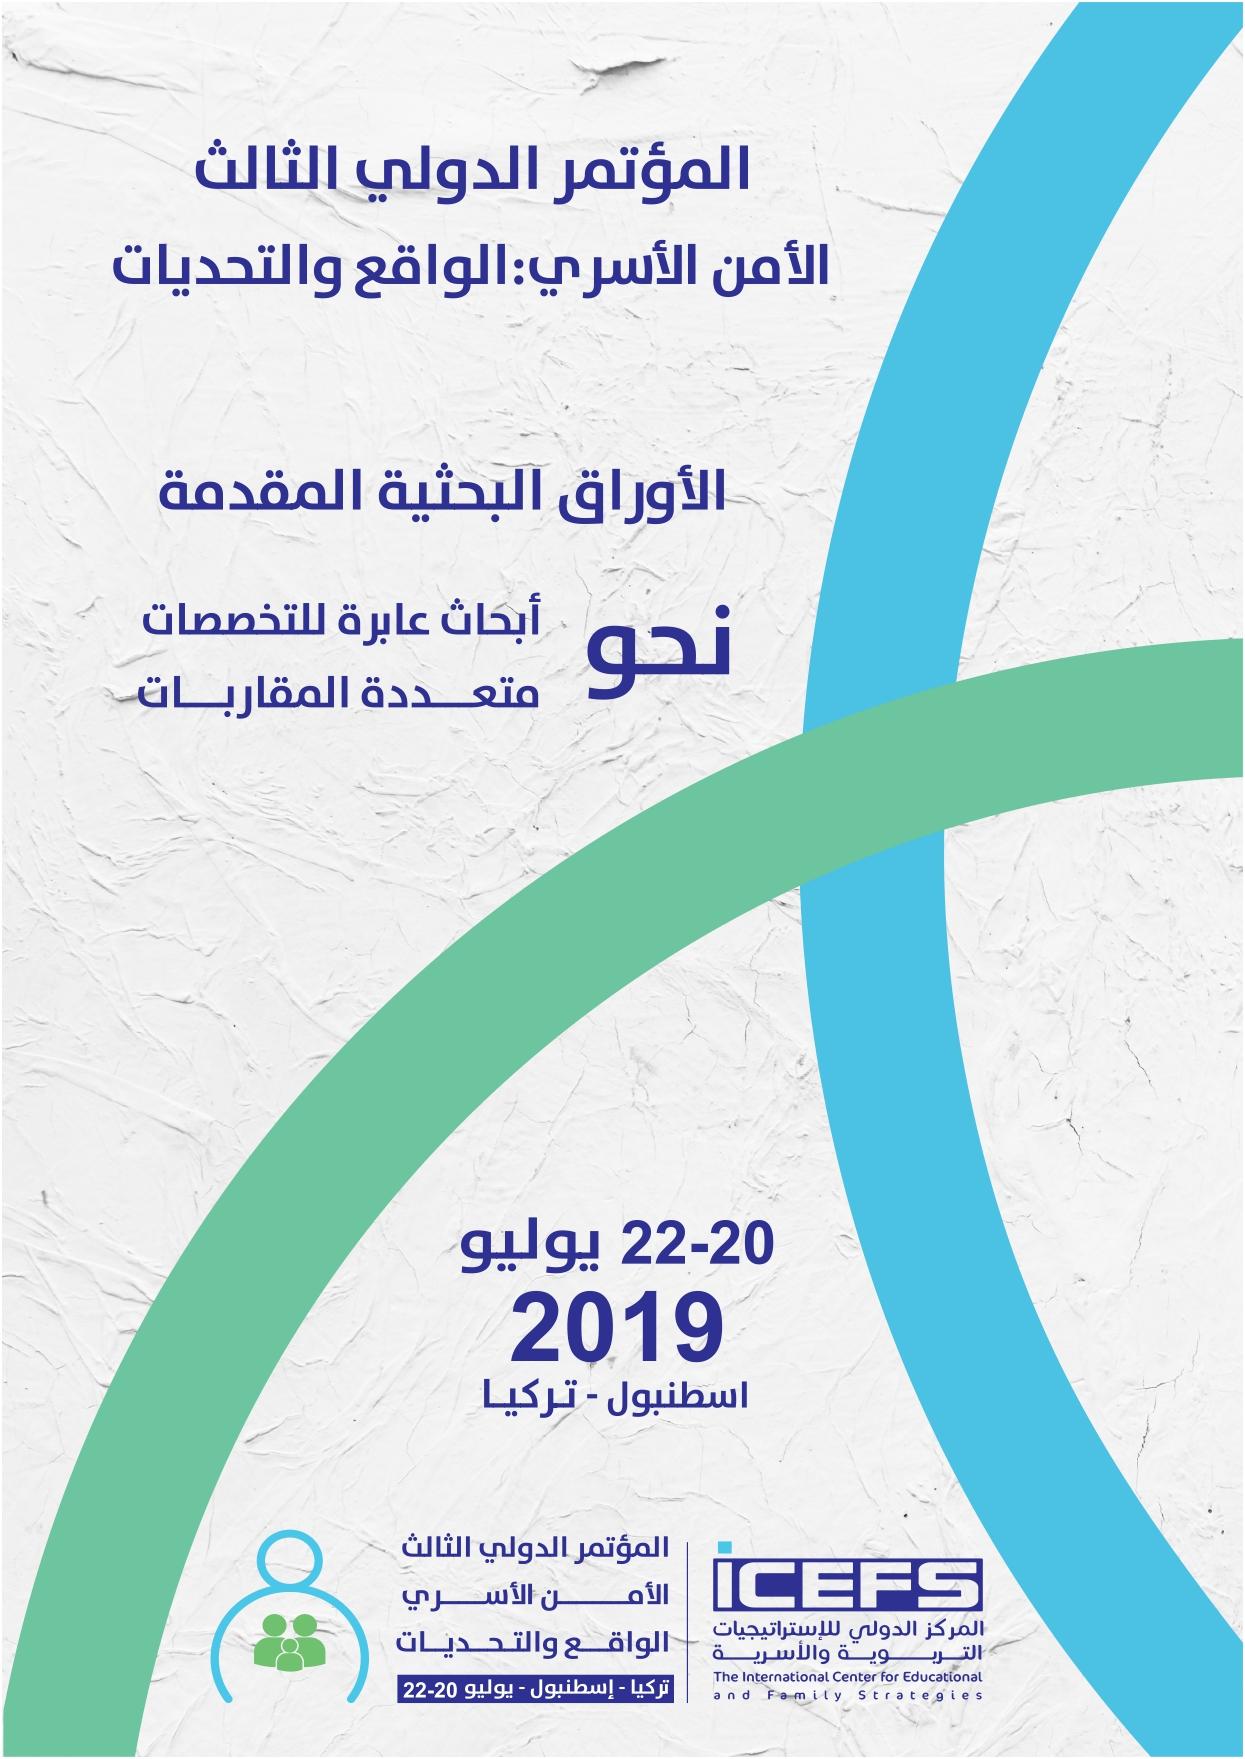 كتاب المؤتمر الدولي الثالث: الأمن الأسري: الواقع والتحديات